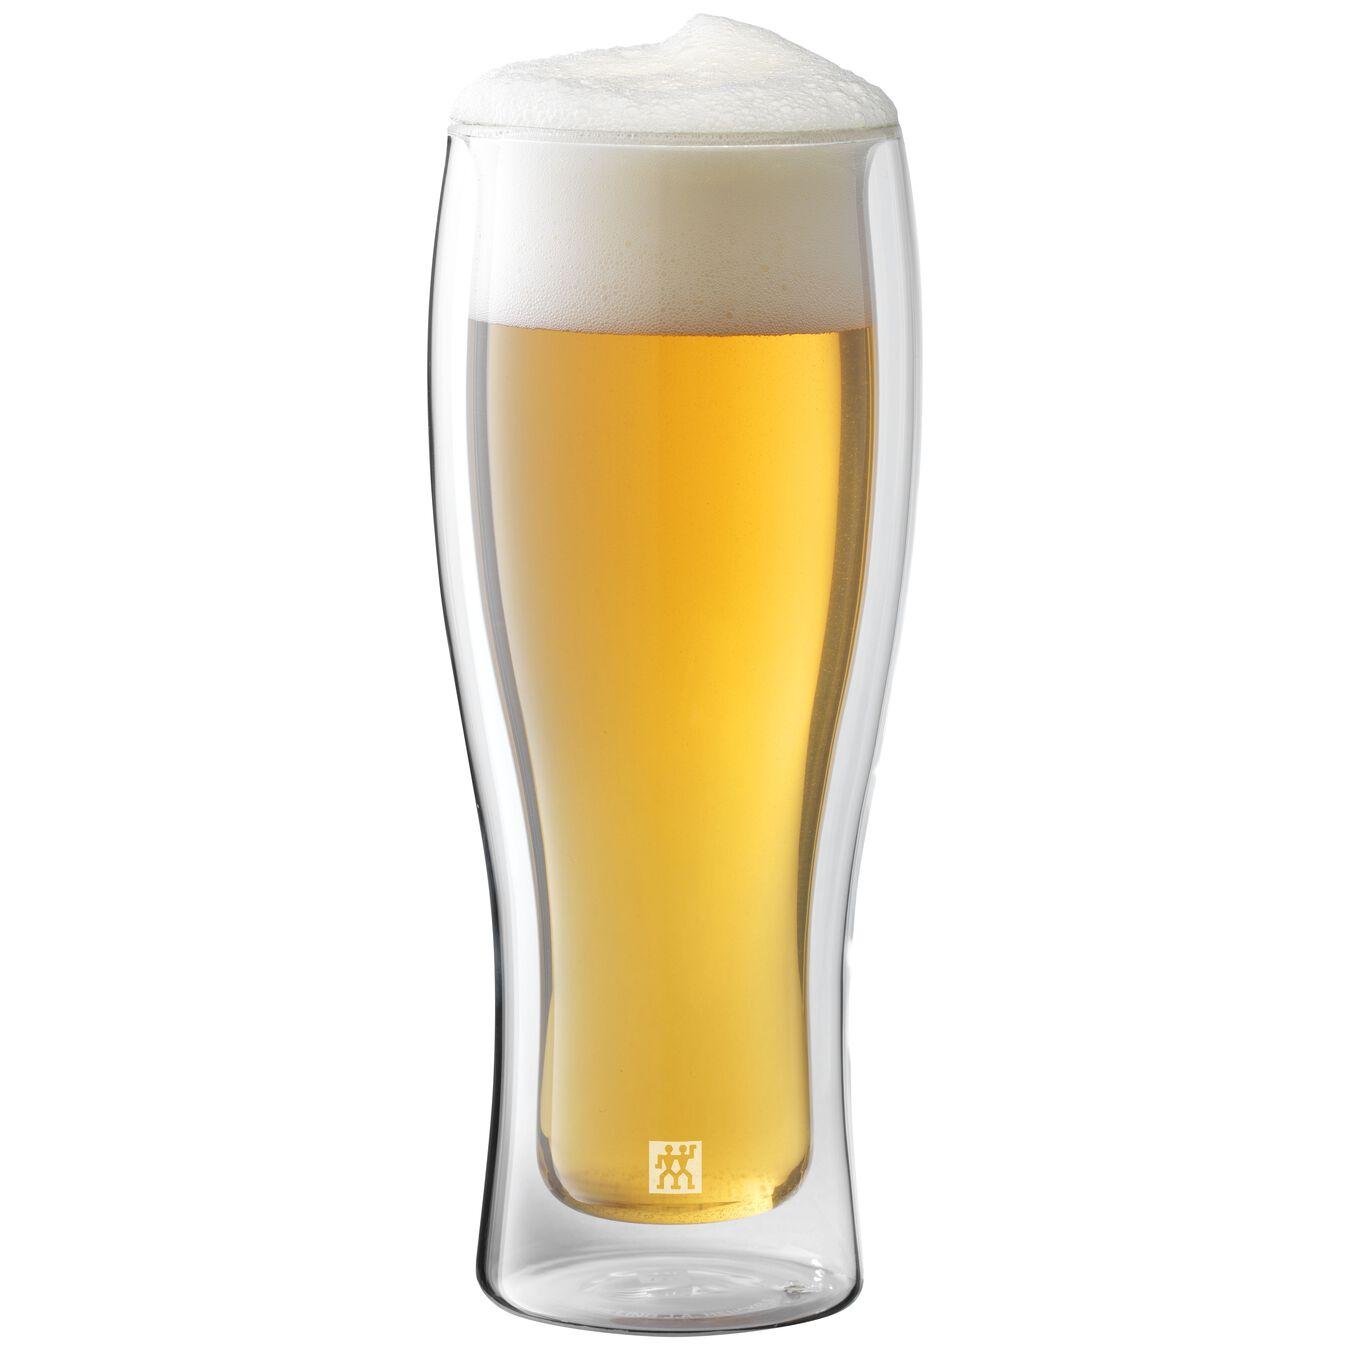 Bira Bardağı Seti | 2-adet,,large 2